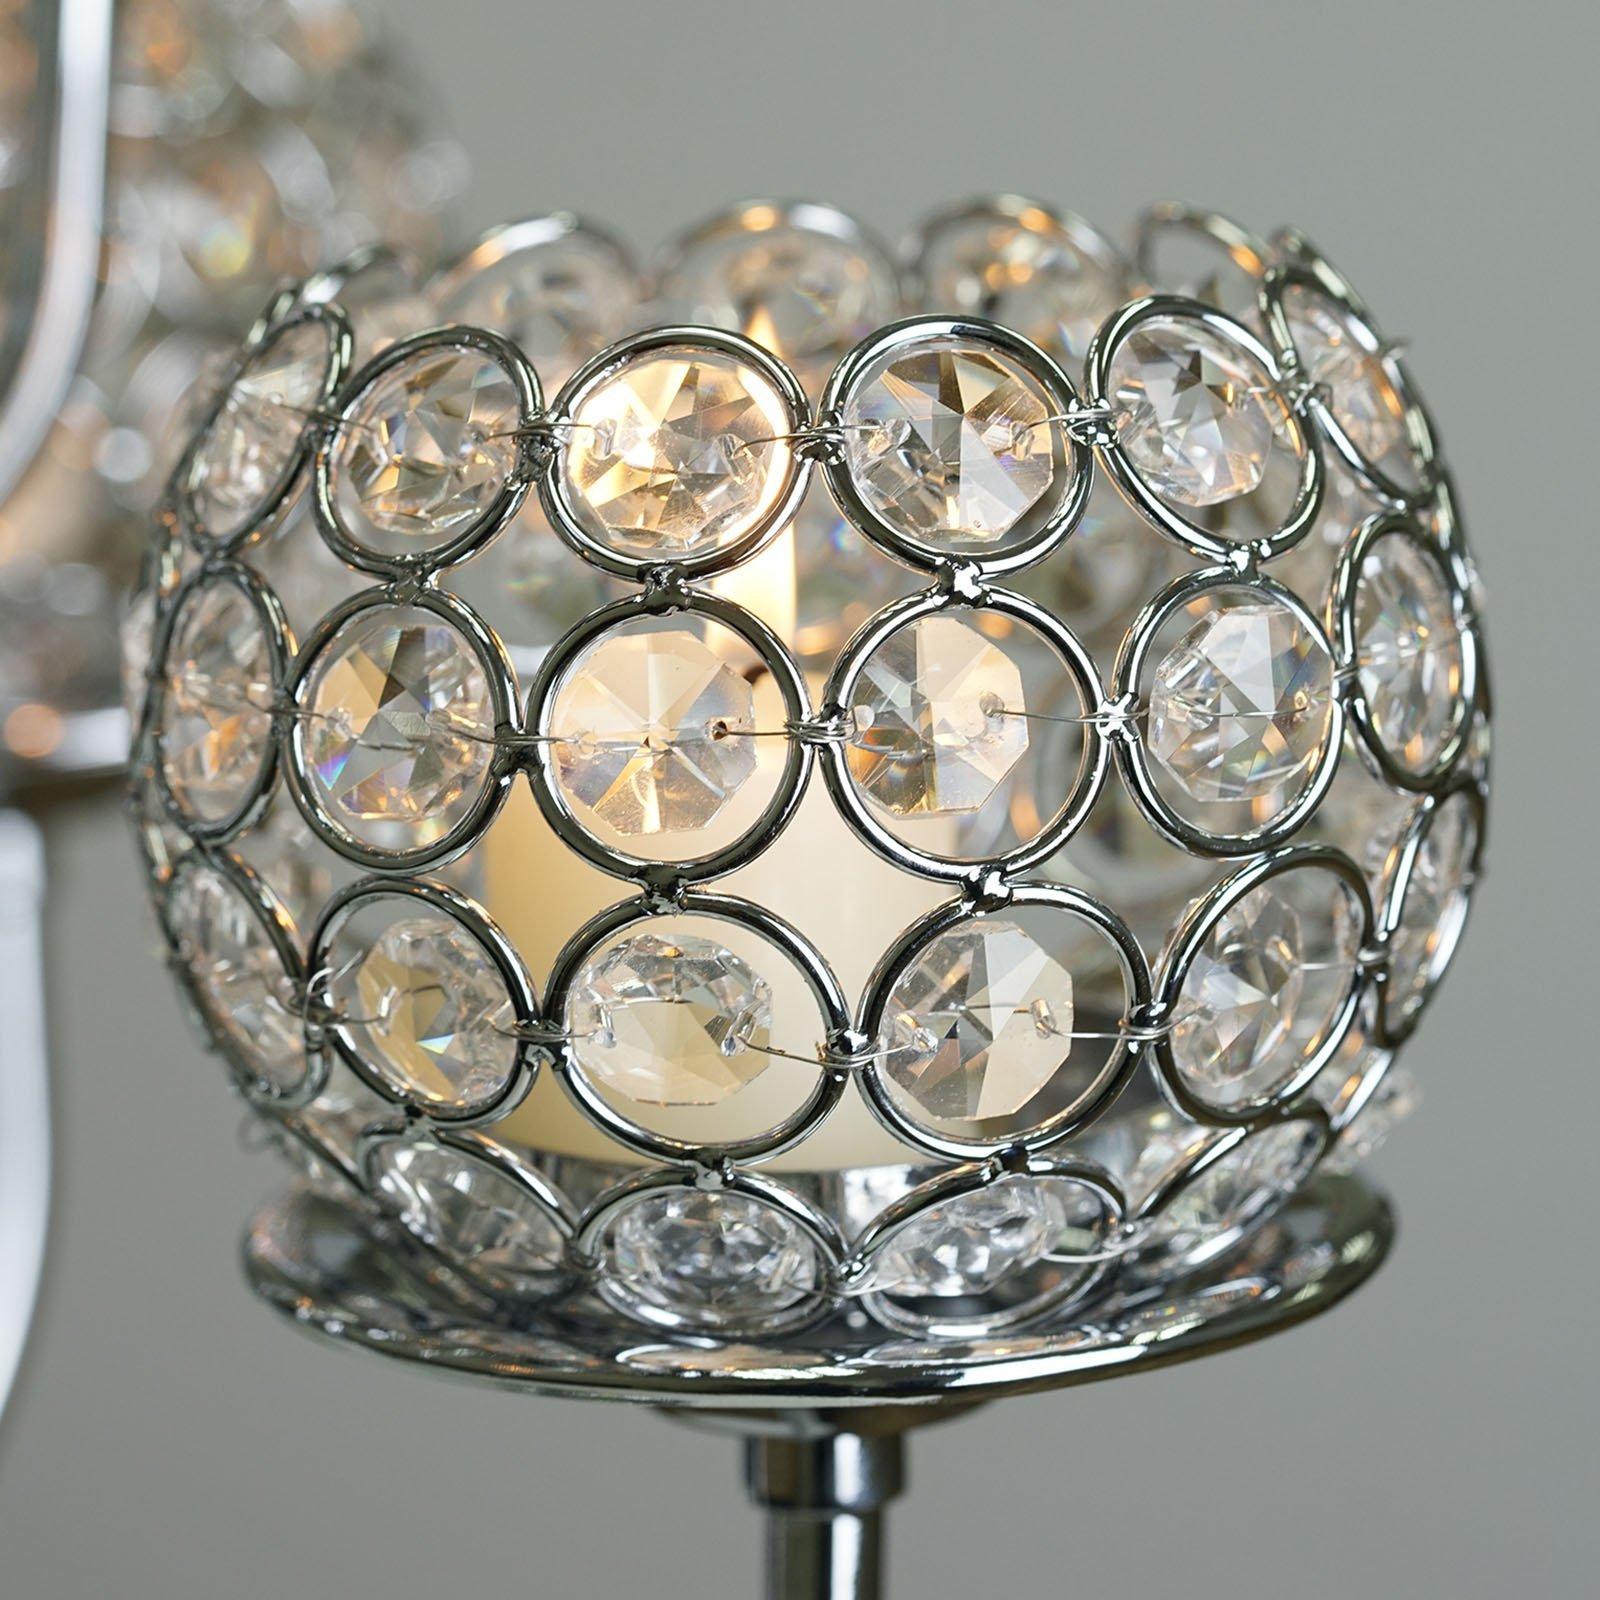 Efavormart 39.5'' Silver Crystal Beaded 13 Arm Candelabra Chandelier Votive Candle Holder Wedding Centerpiece by Efavormart.com (Image #7)